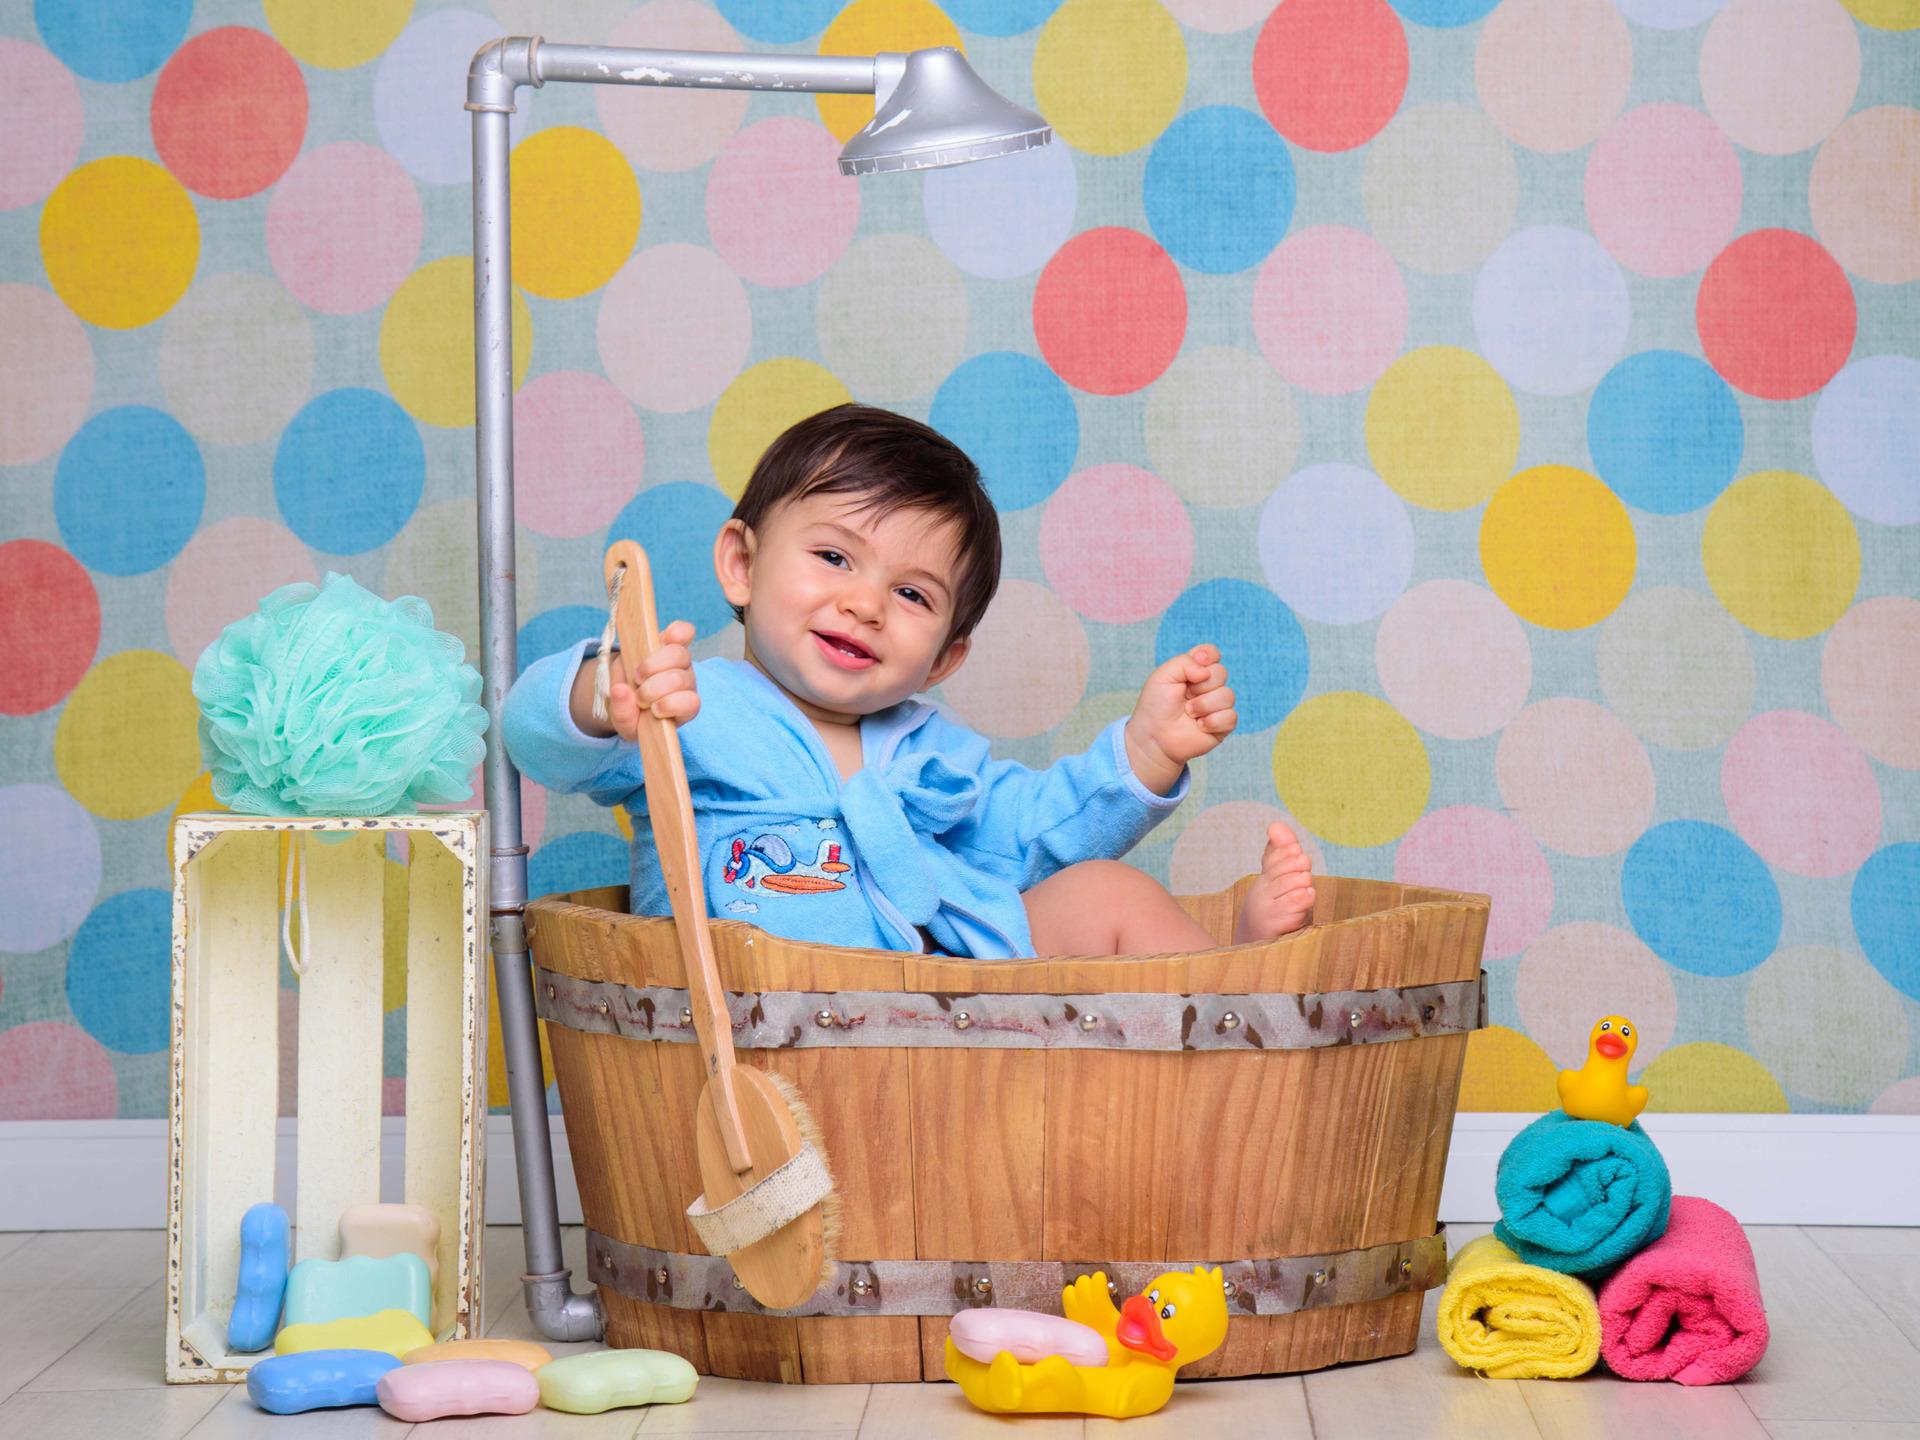 hora do banho, briquedos de banho, espuma, bolhas de sabão, banho divertido, bebê tomando banho, sessão fotografica de banho, banheira, foto infantil na banheira, chuveiro, chuá chupa, patinho de banheira, fotos de bebê, ensaio infantil